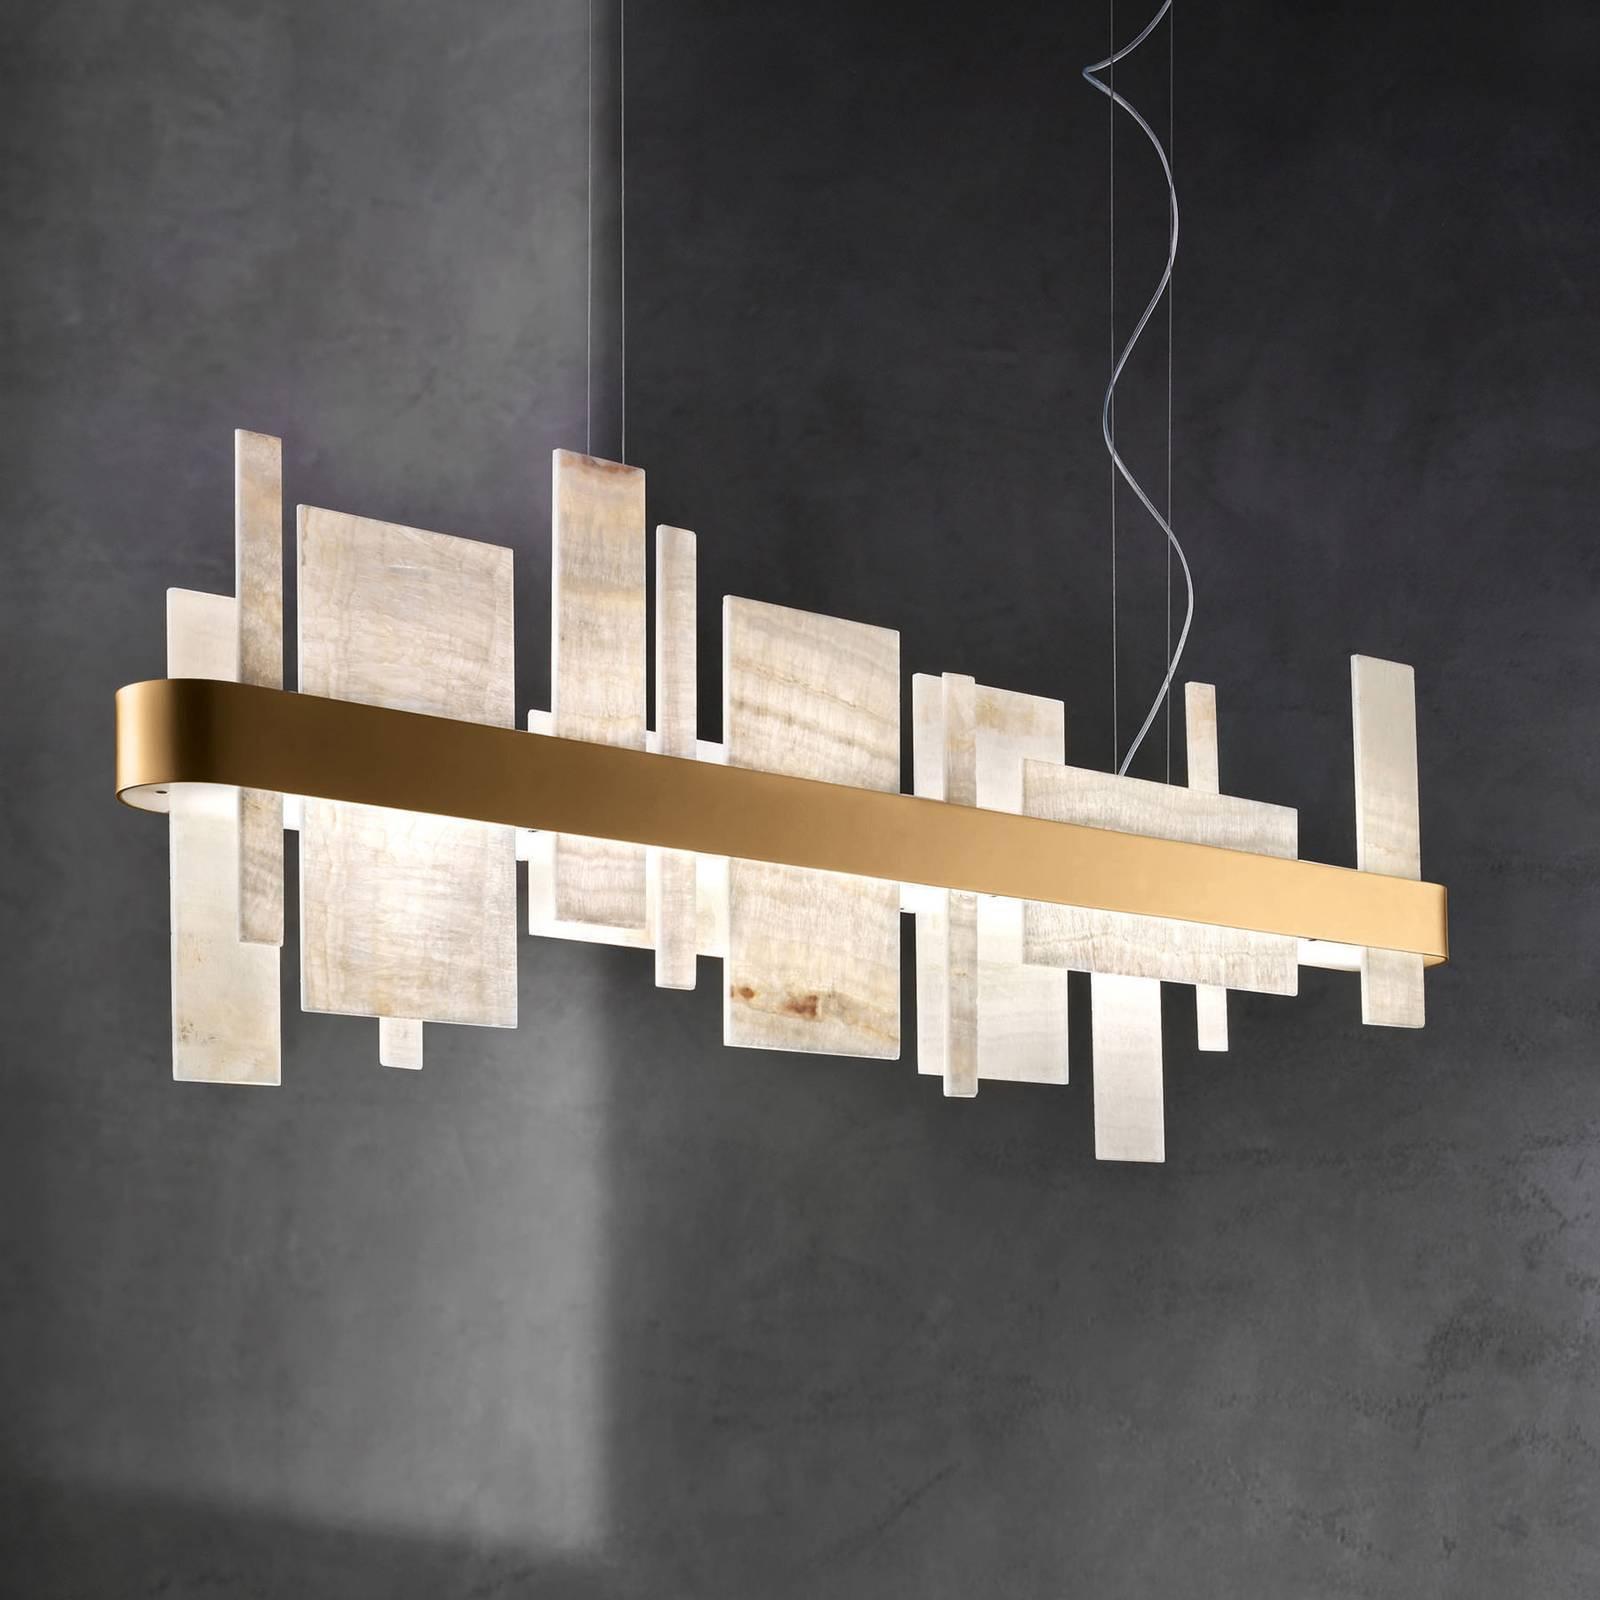 LED-Hängeleuchte Honicé S100, Länge 100 cm